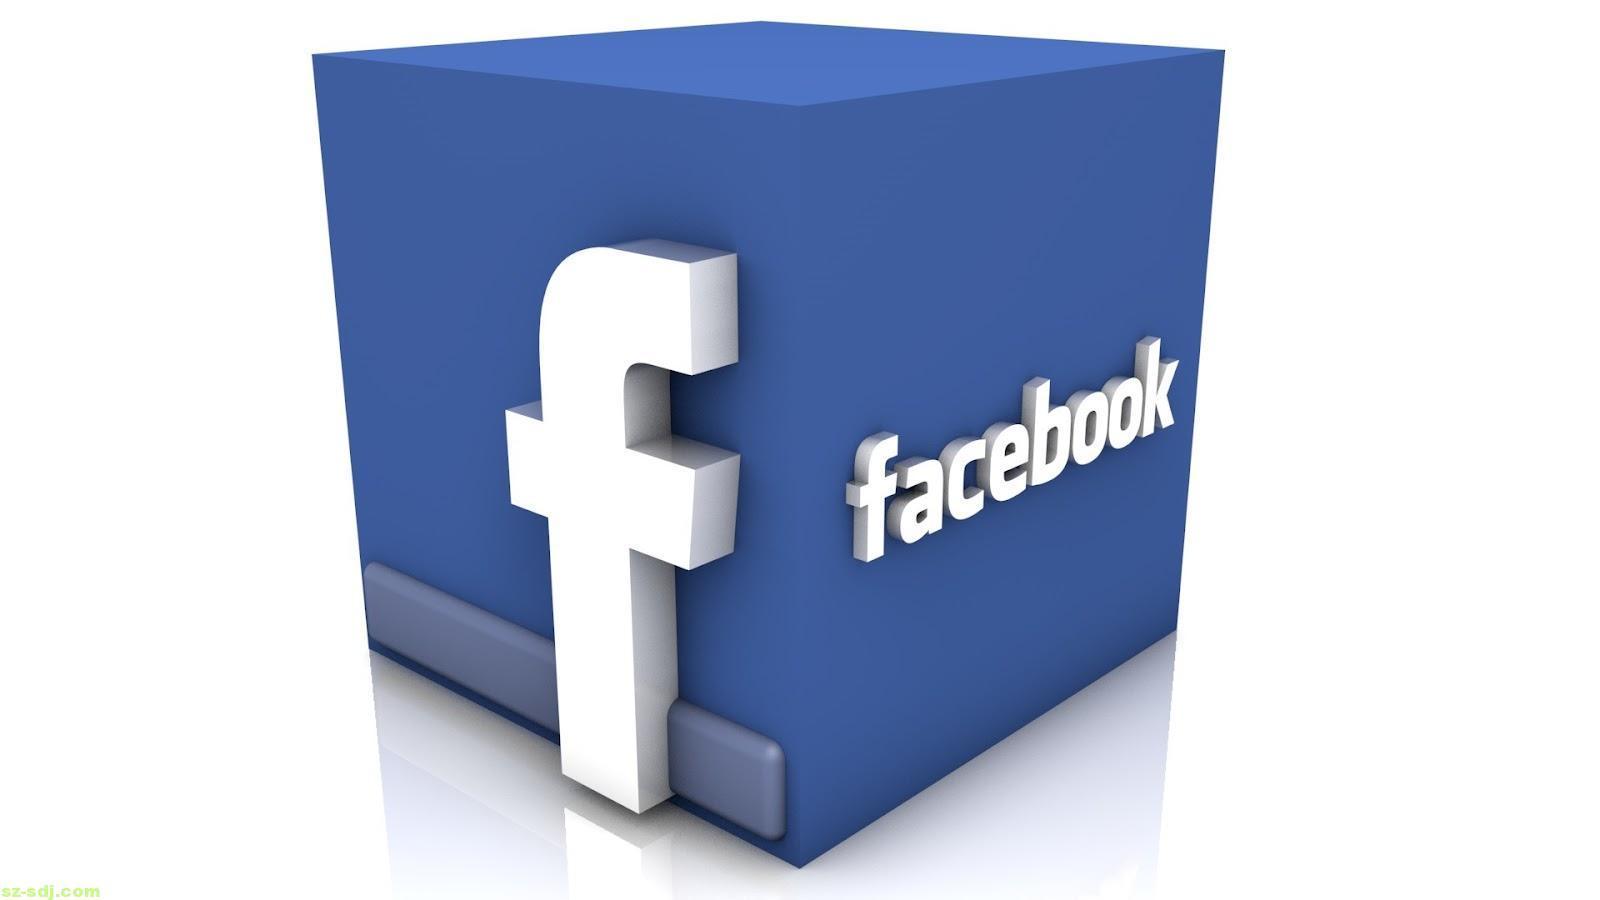 logo facebook hd